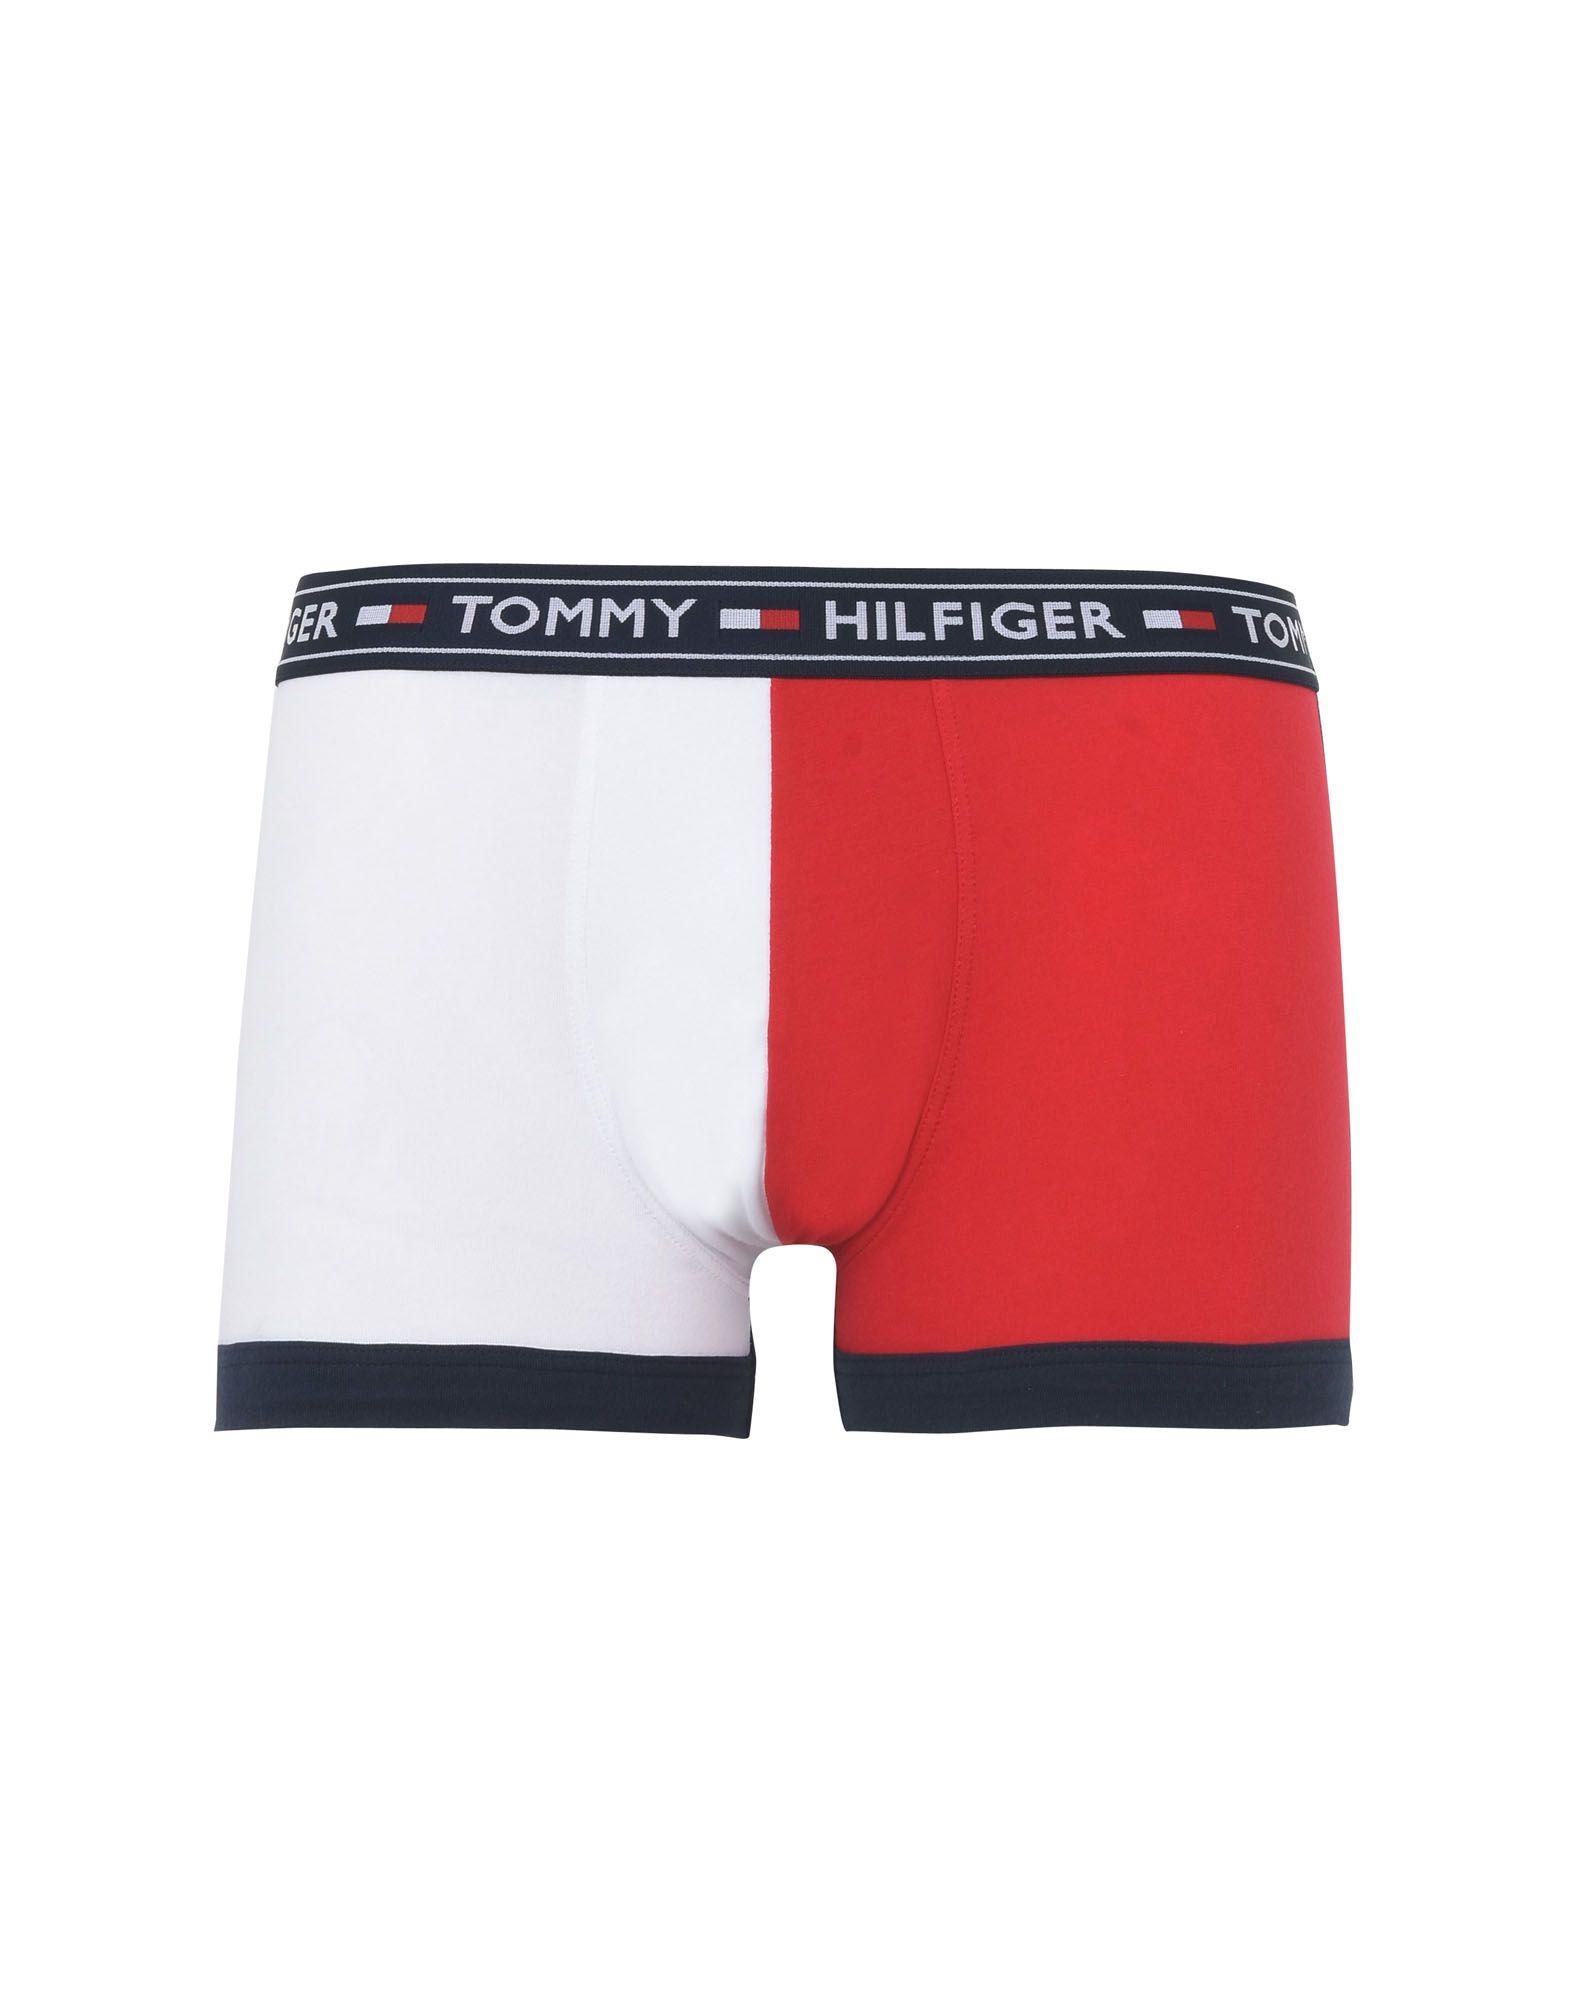 TOMMY HILFIGER Боксеры трусы боксеры tommy hilfiger 1u87905324 416 navy blazer